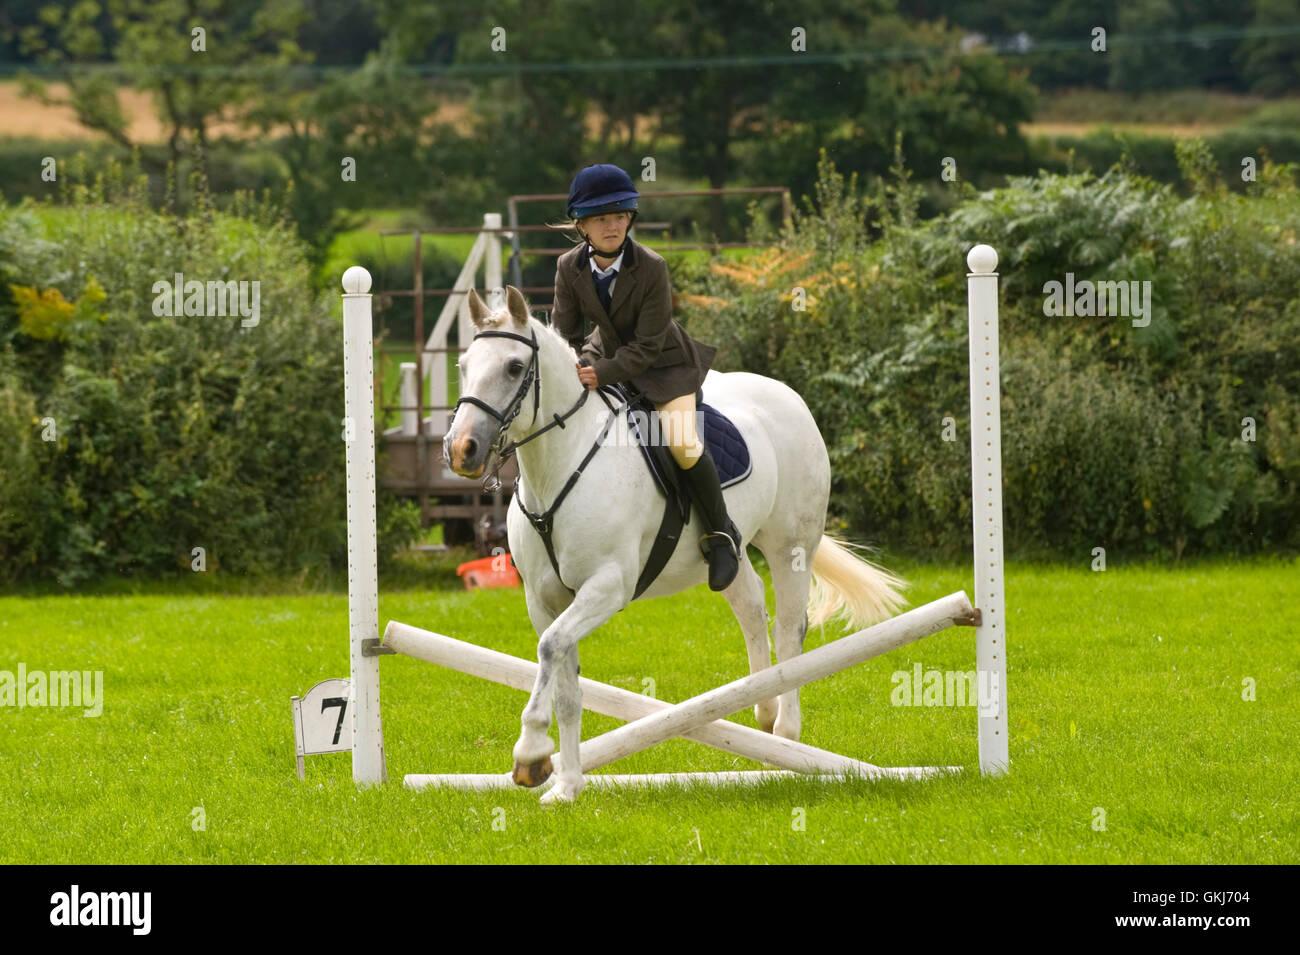 Adolescente muestran saltando sobre su caballo en Llanigon YFC Show 2016 nr heno-on-Wye Gales Powys UK Imagen De Stock